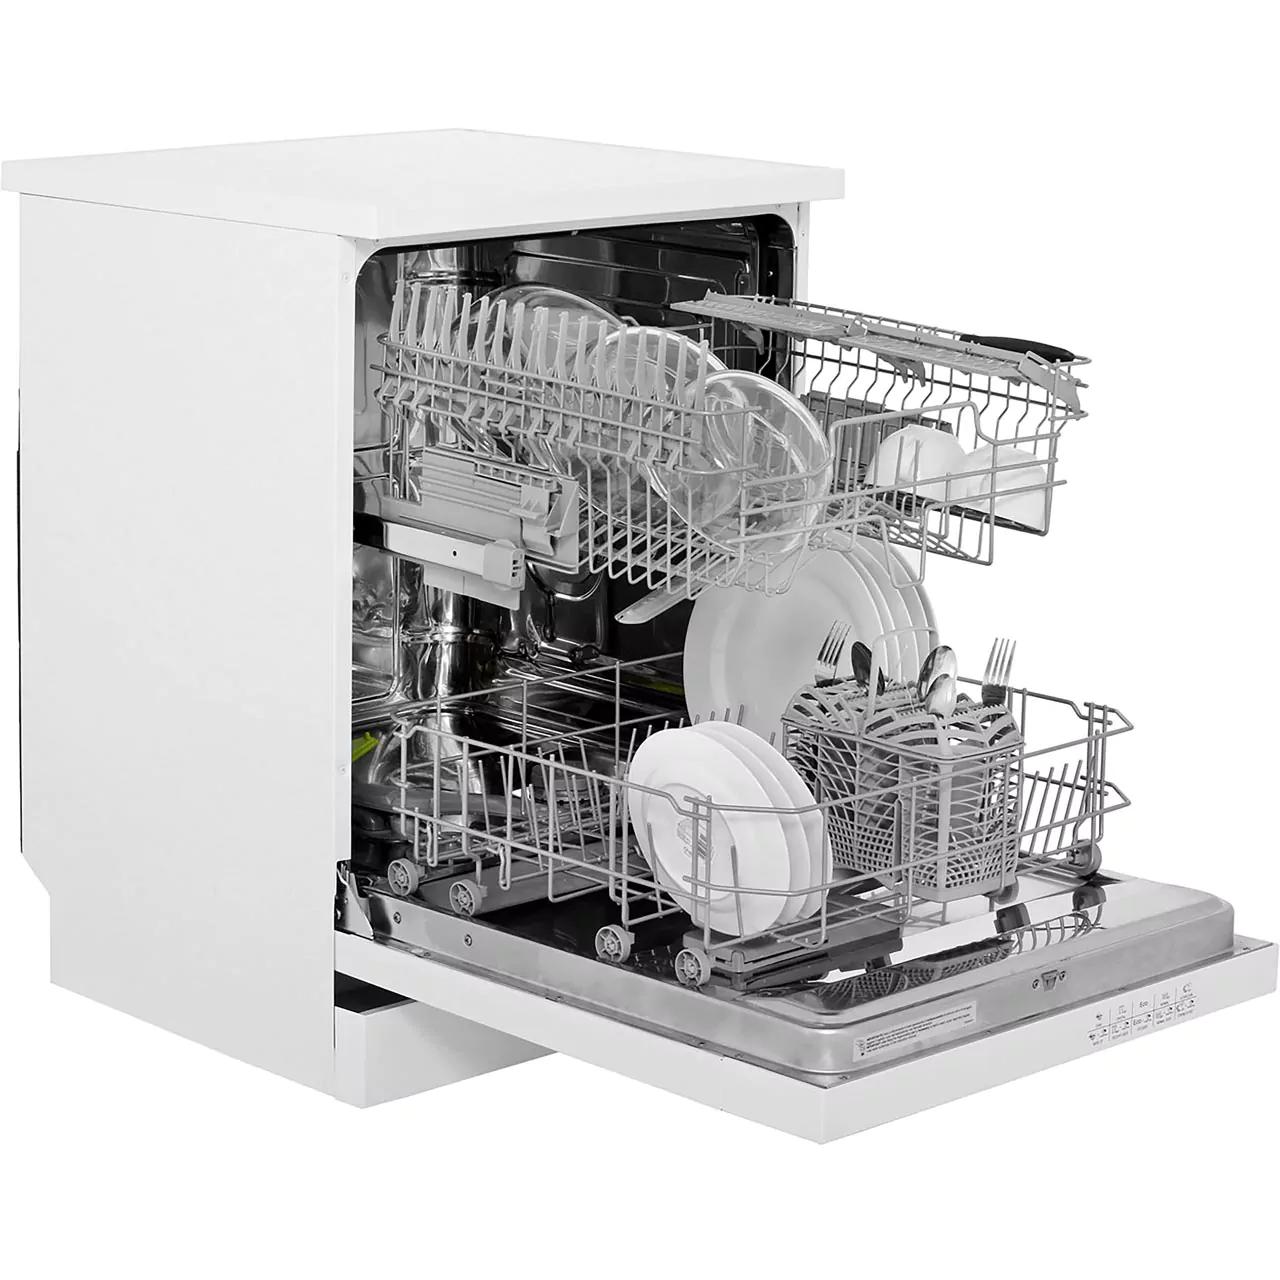 Smeg DF612AEW Dishwasher - White 5 yr warranty £299 AO.com